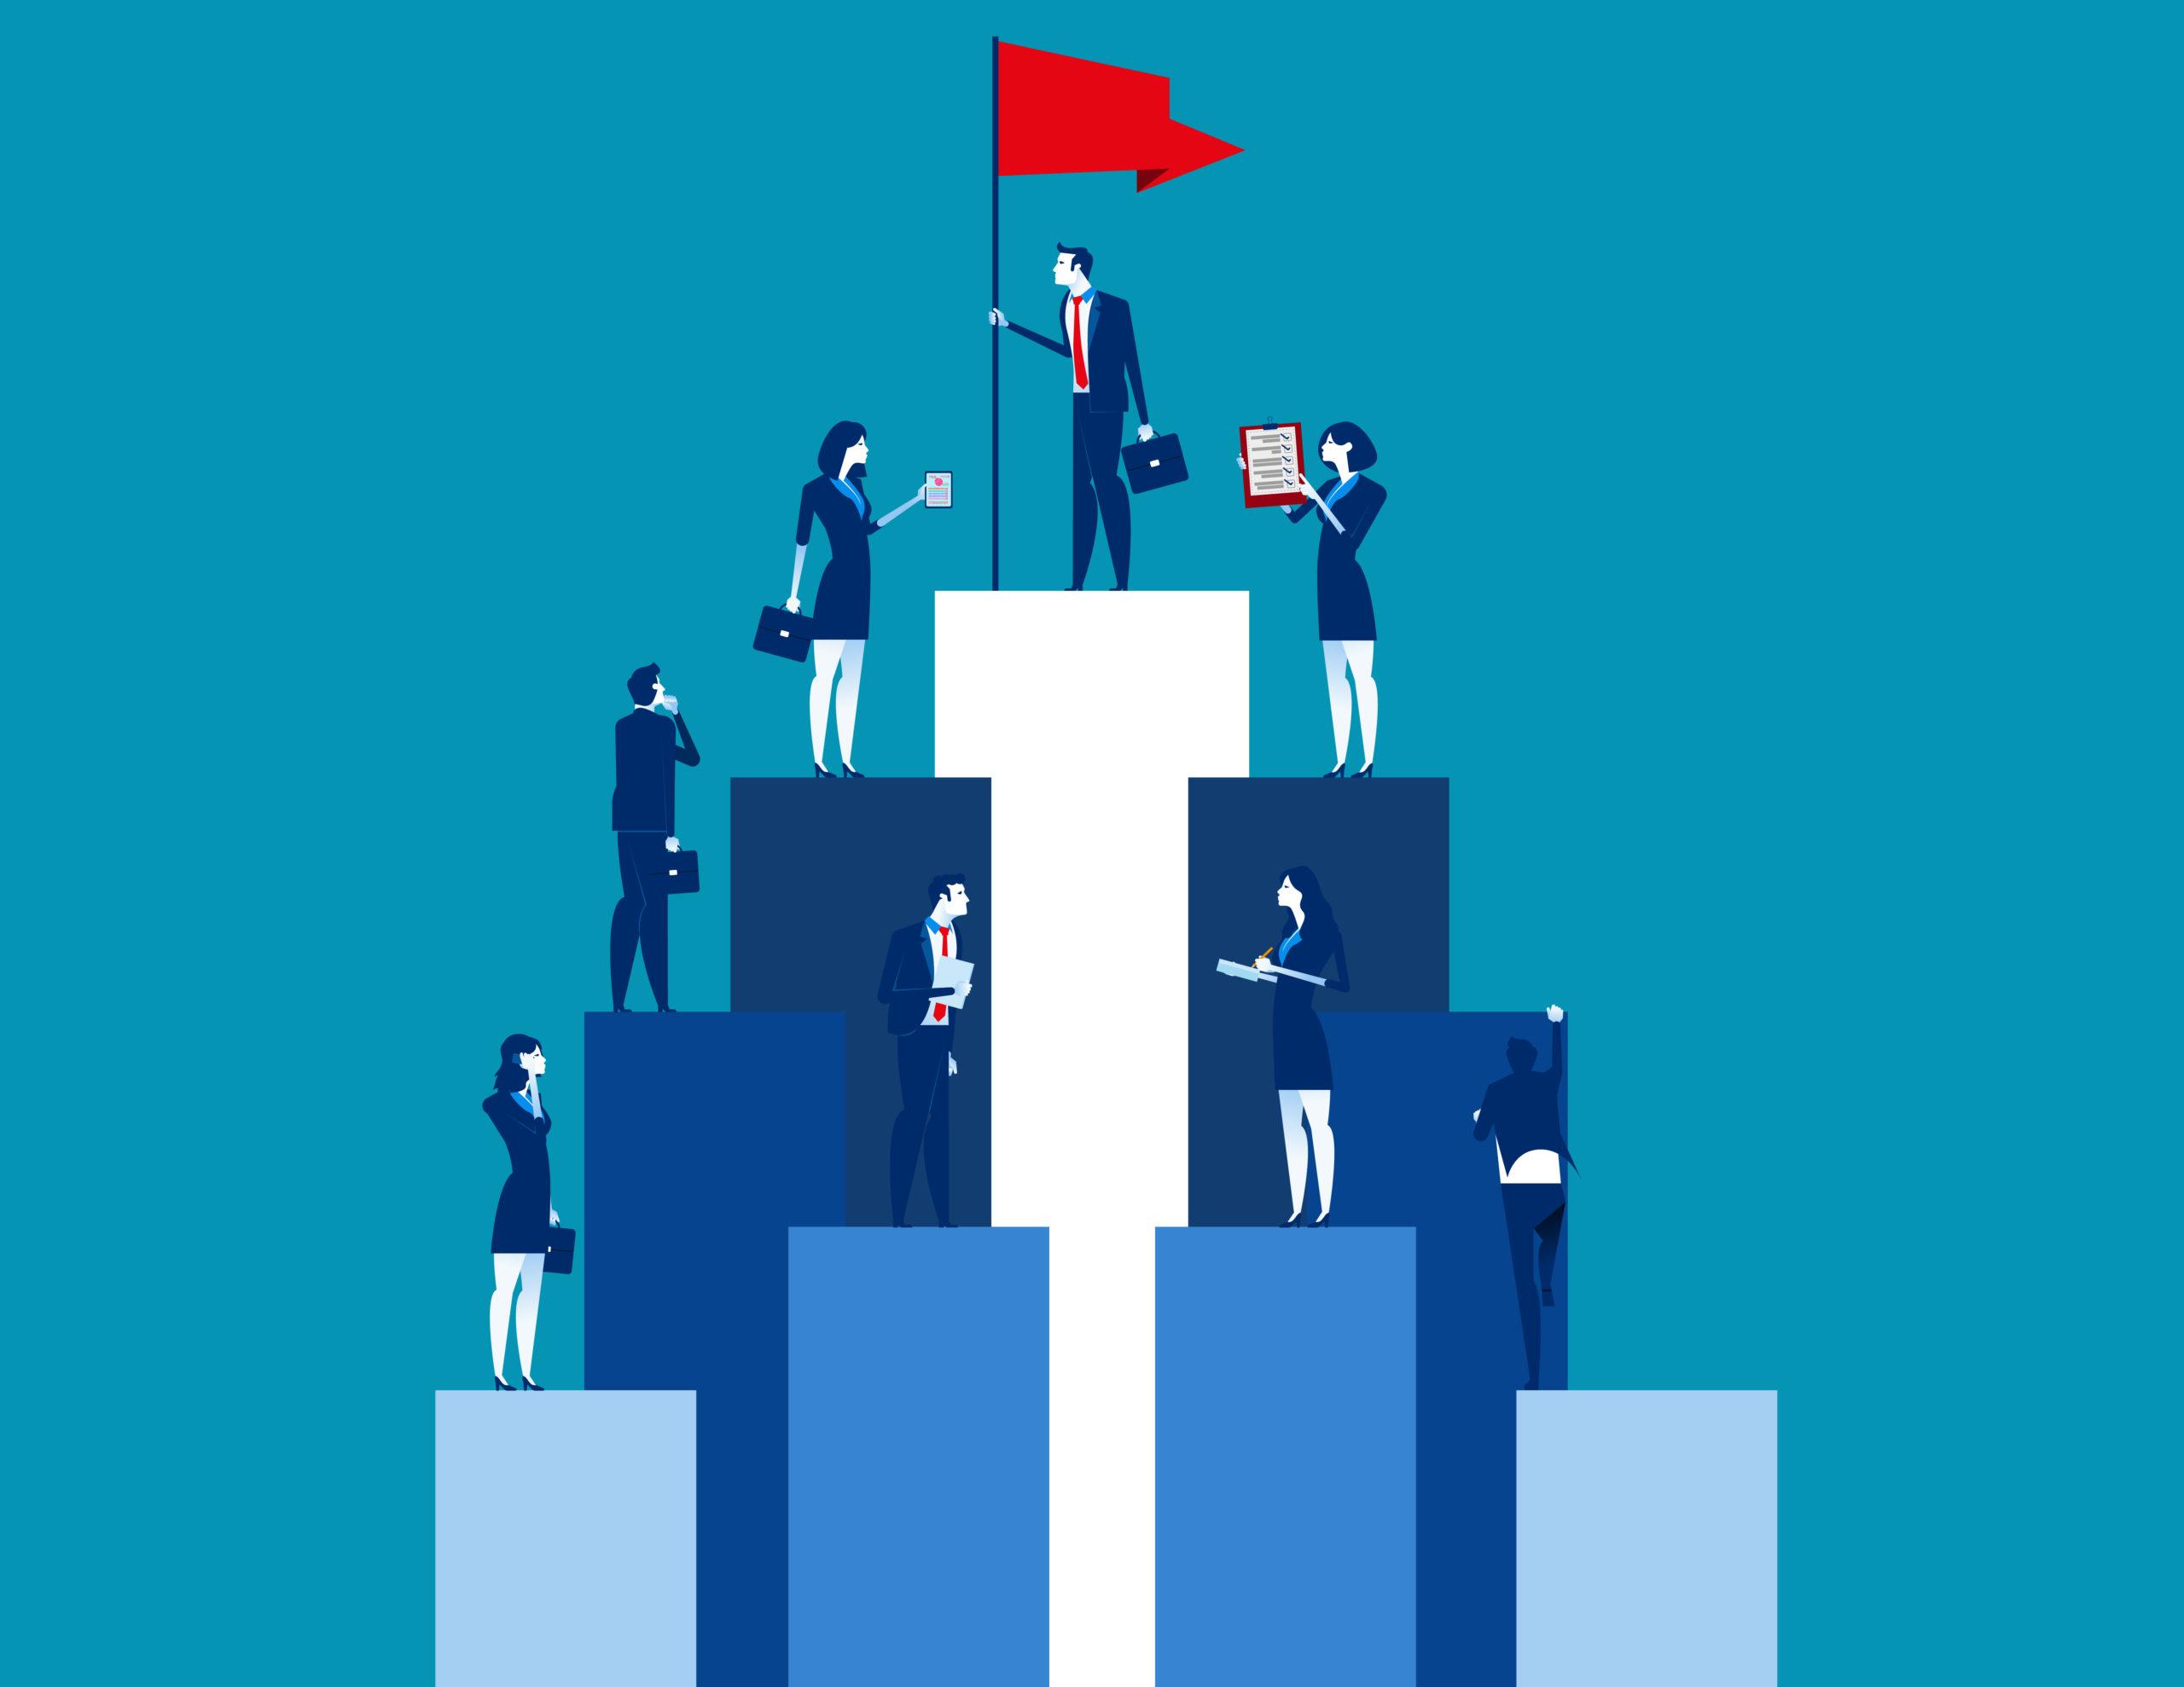 【2020年不動産仲介】売上ランキング|就職・転職で働きやすい営業会社の選び方とは?